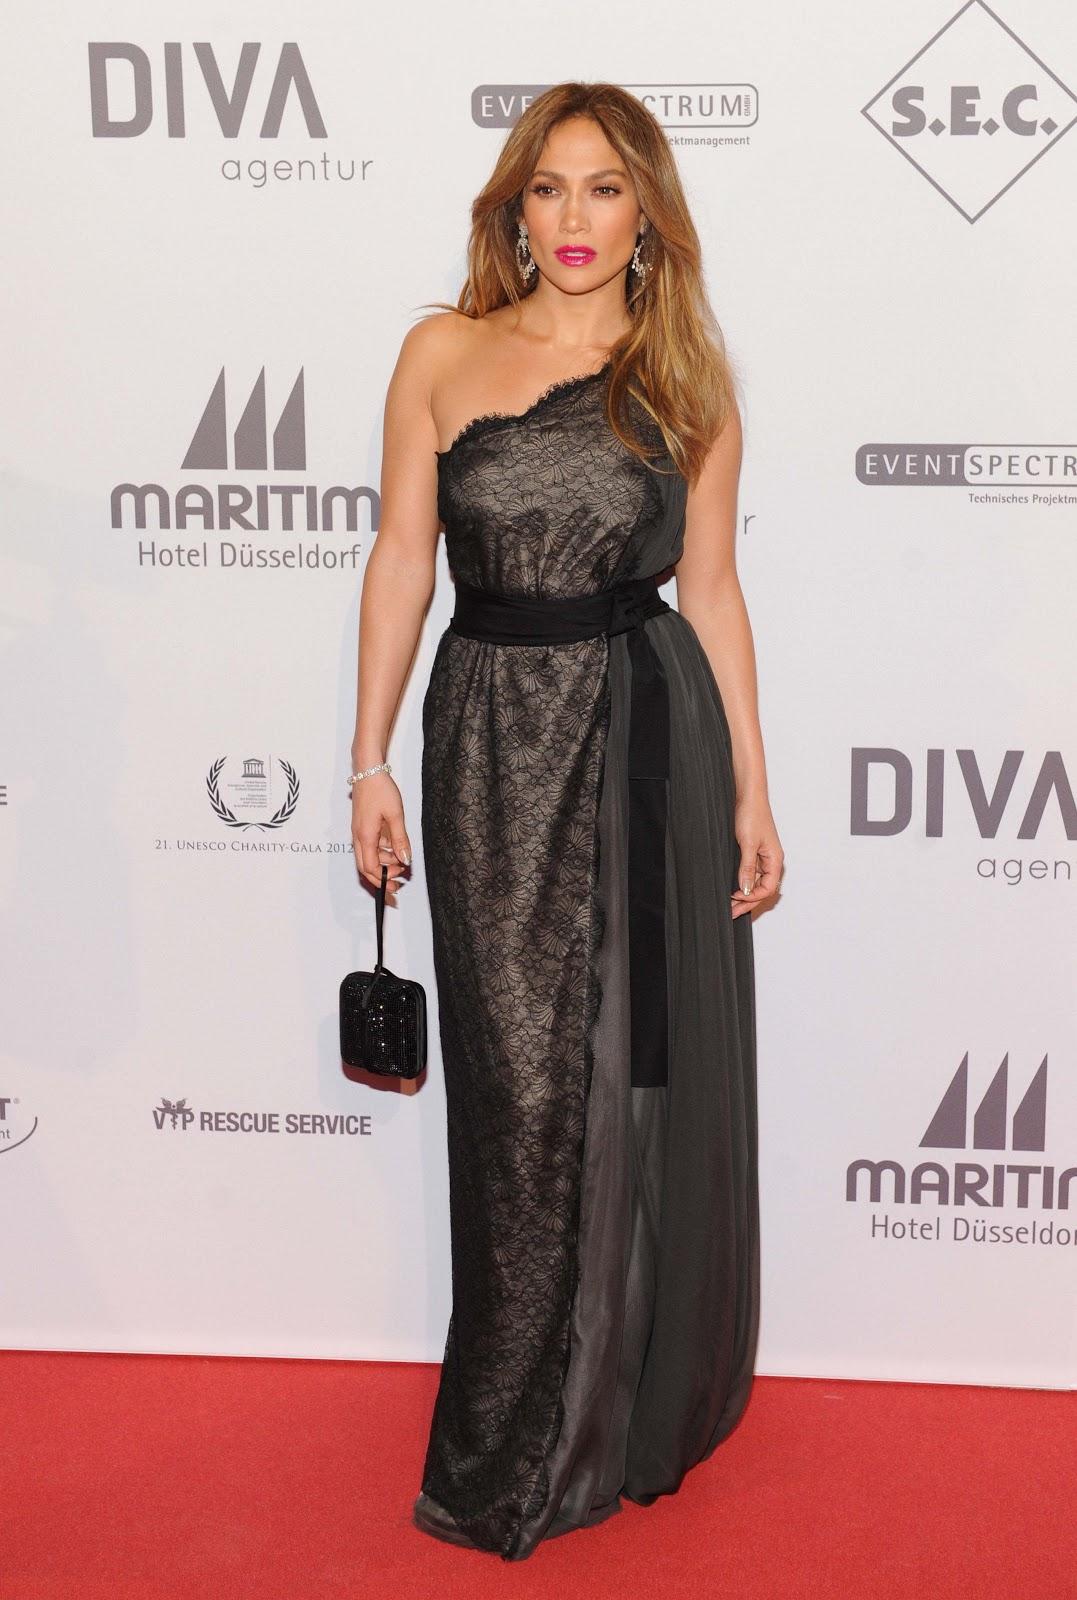 http://1.bp.blogspot.com/-tLGk_PhcKHk/UIzFINGjokI/AAAAAAAAWwU/DTZw7jf5ZDE/s1600/Jennifer+Lopez++attends+2012+UNESCO+Charity+Gala+2012+in+D%C3%BCsseldorf+October_27_2012.jpg